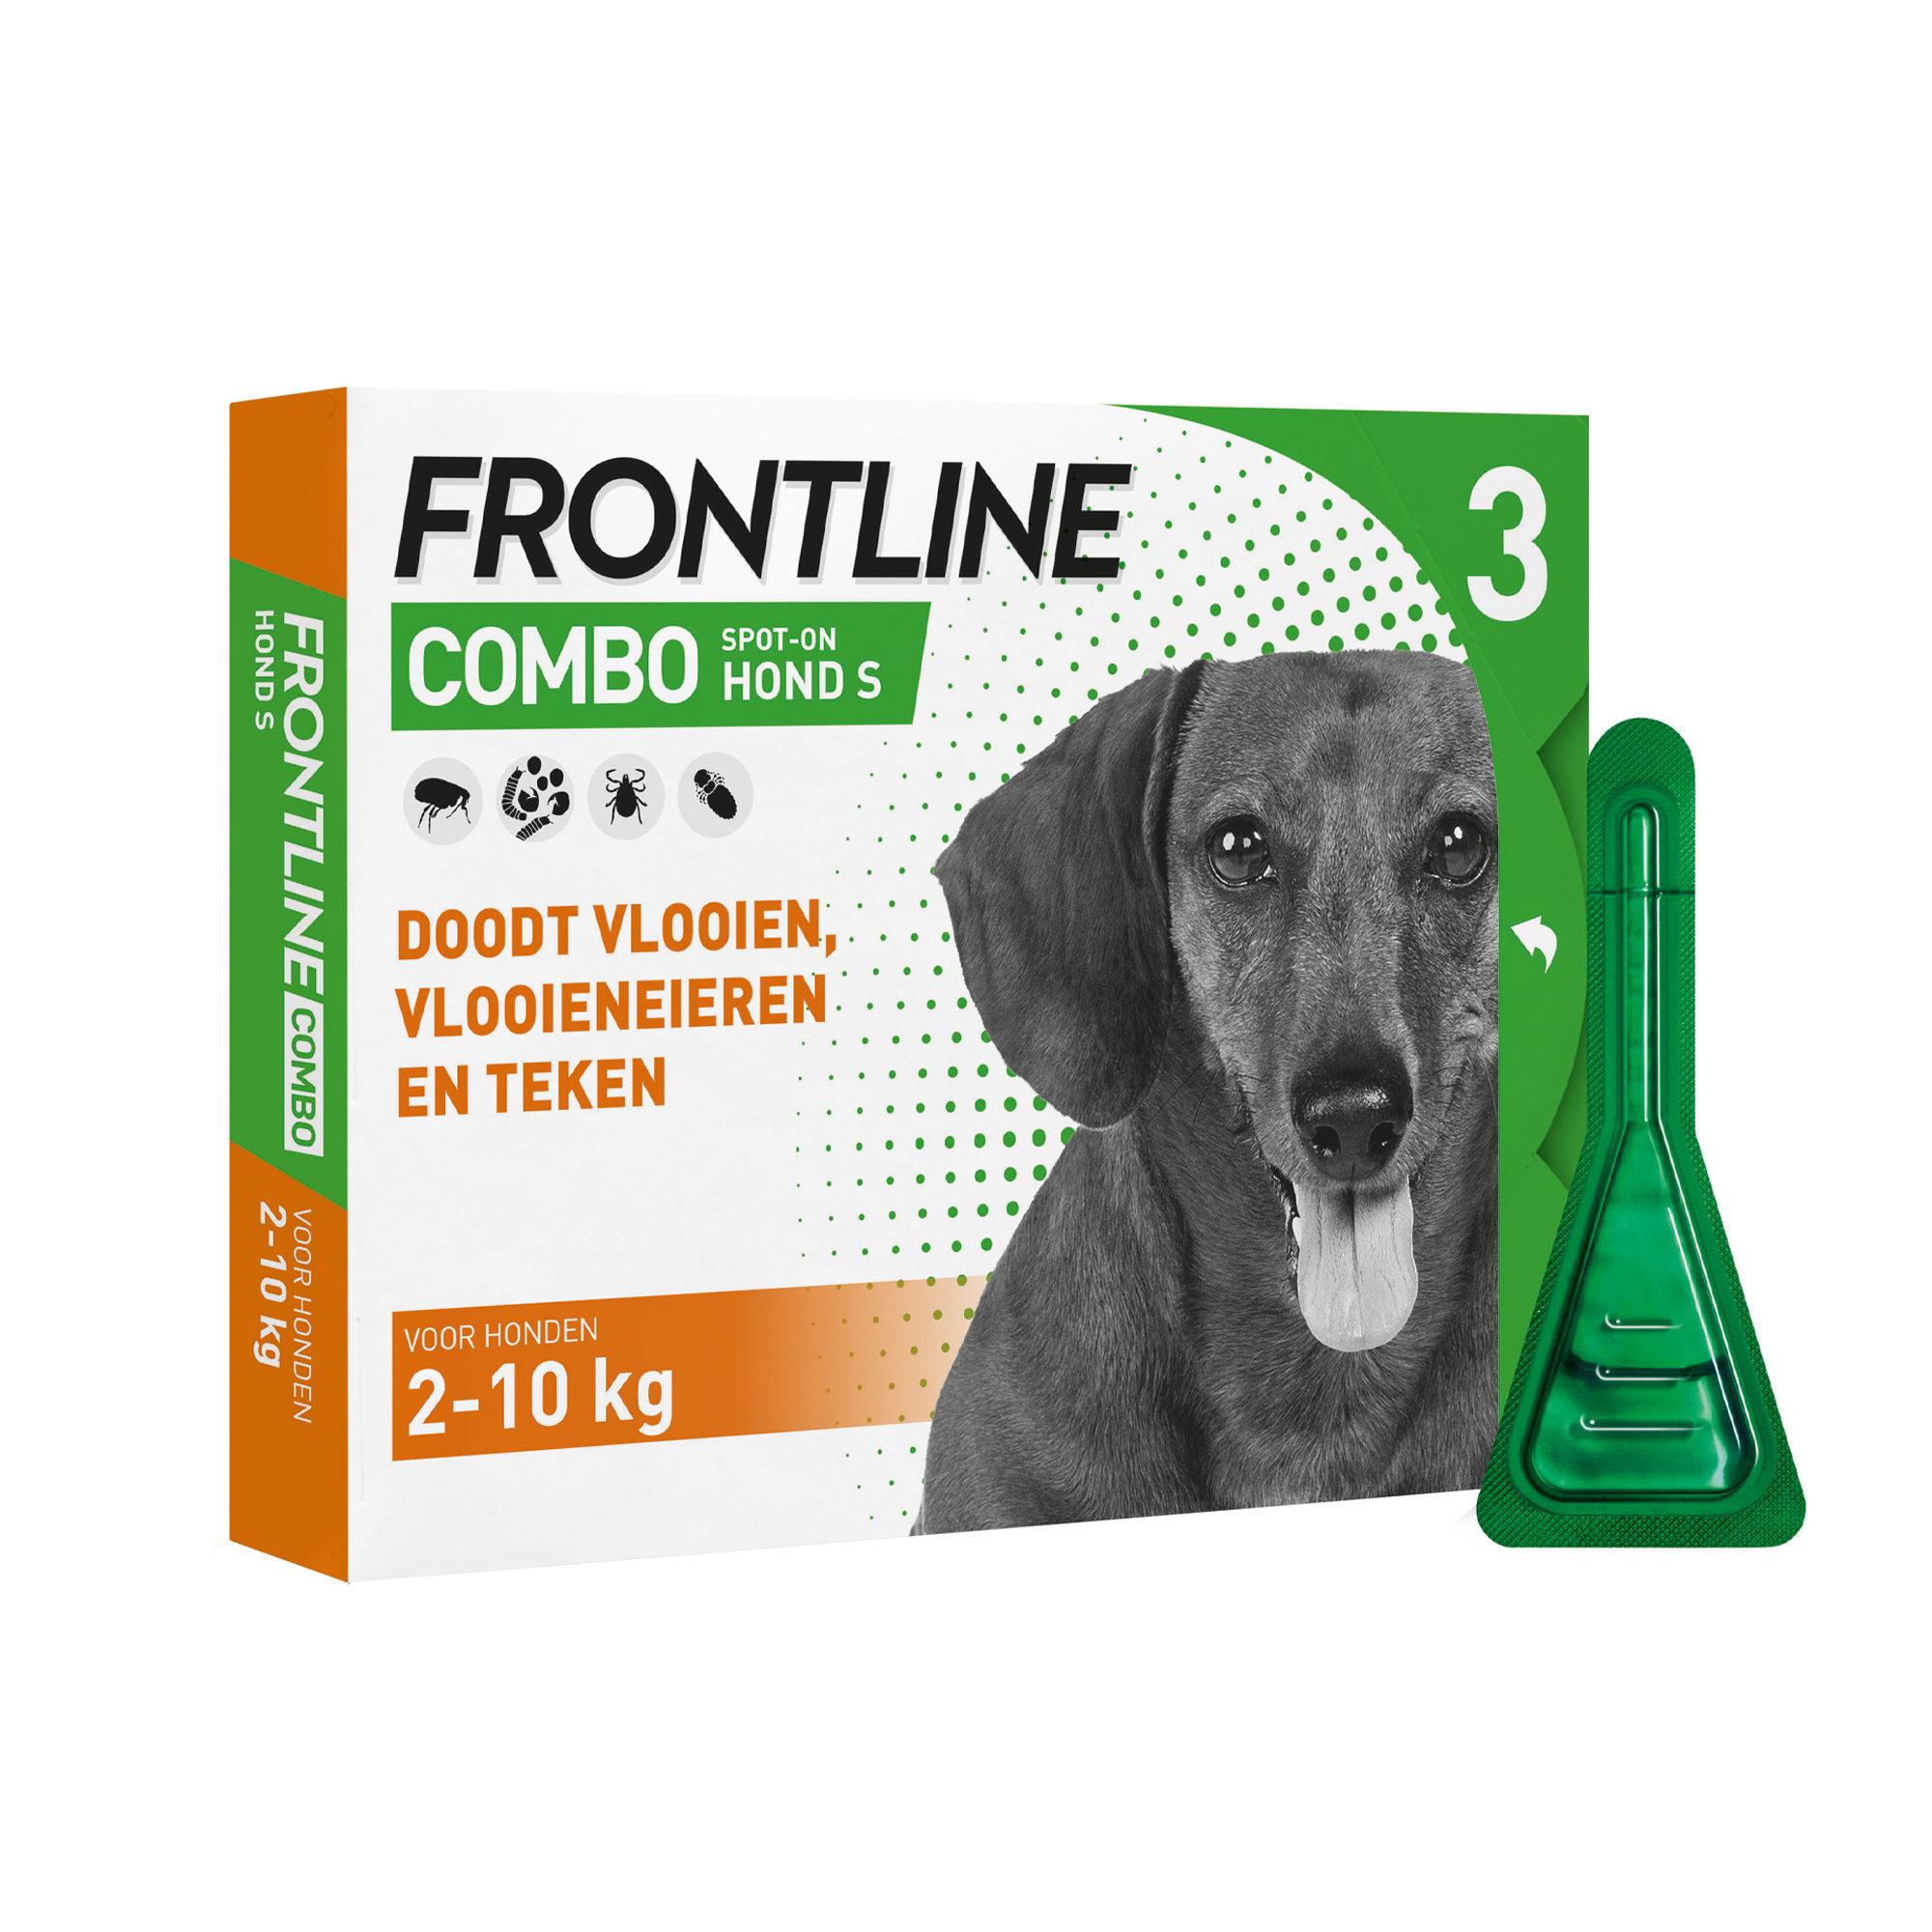 Frontline Combo Hund S - 2 - 10 kg